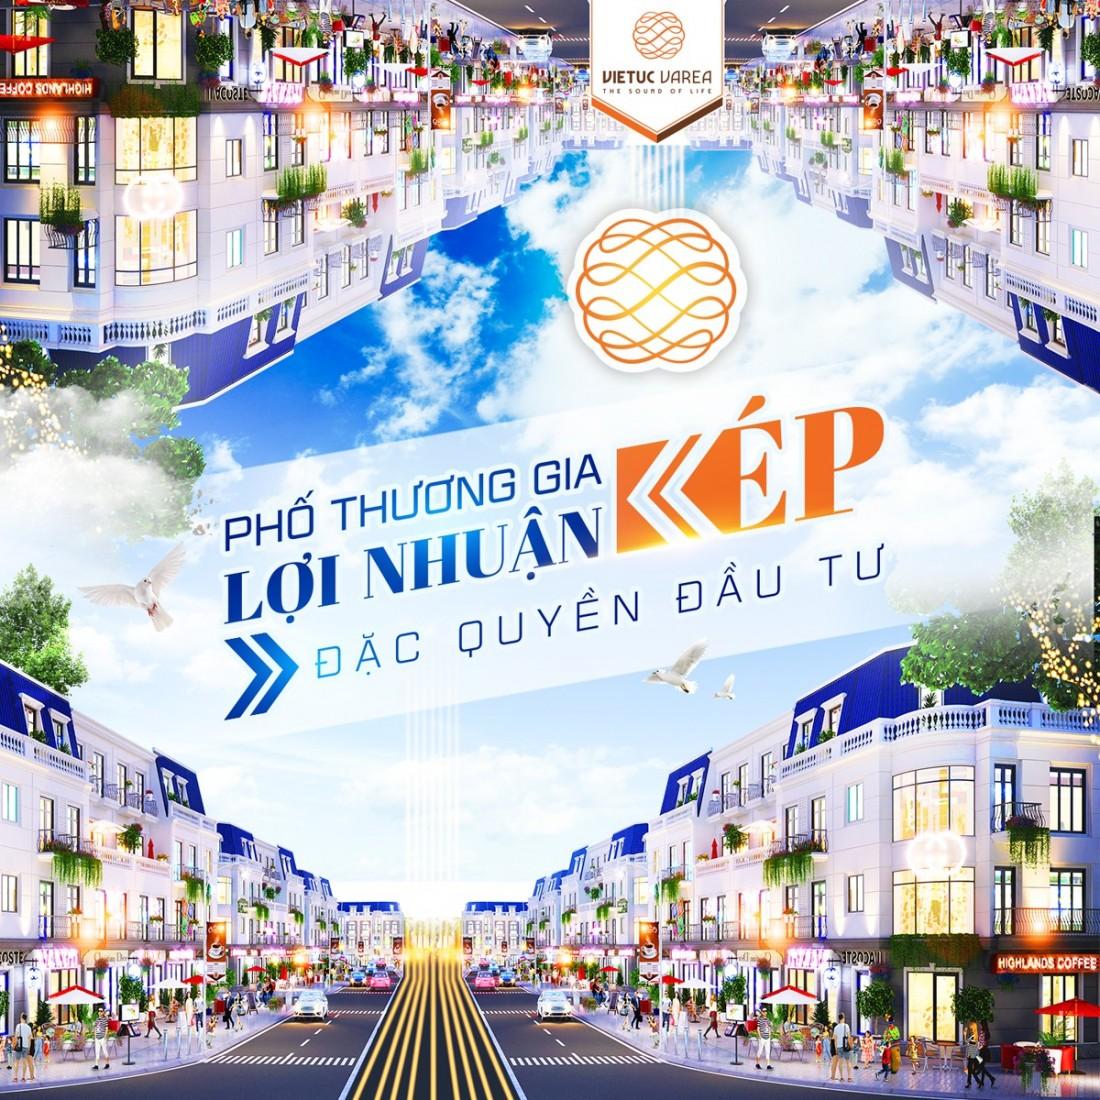 Tổng quan dự án KDC Việt Úc Varea